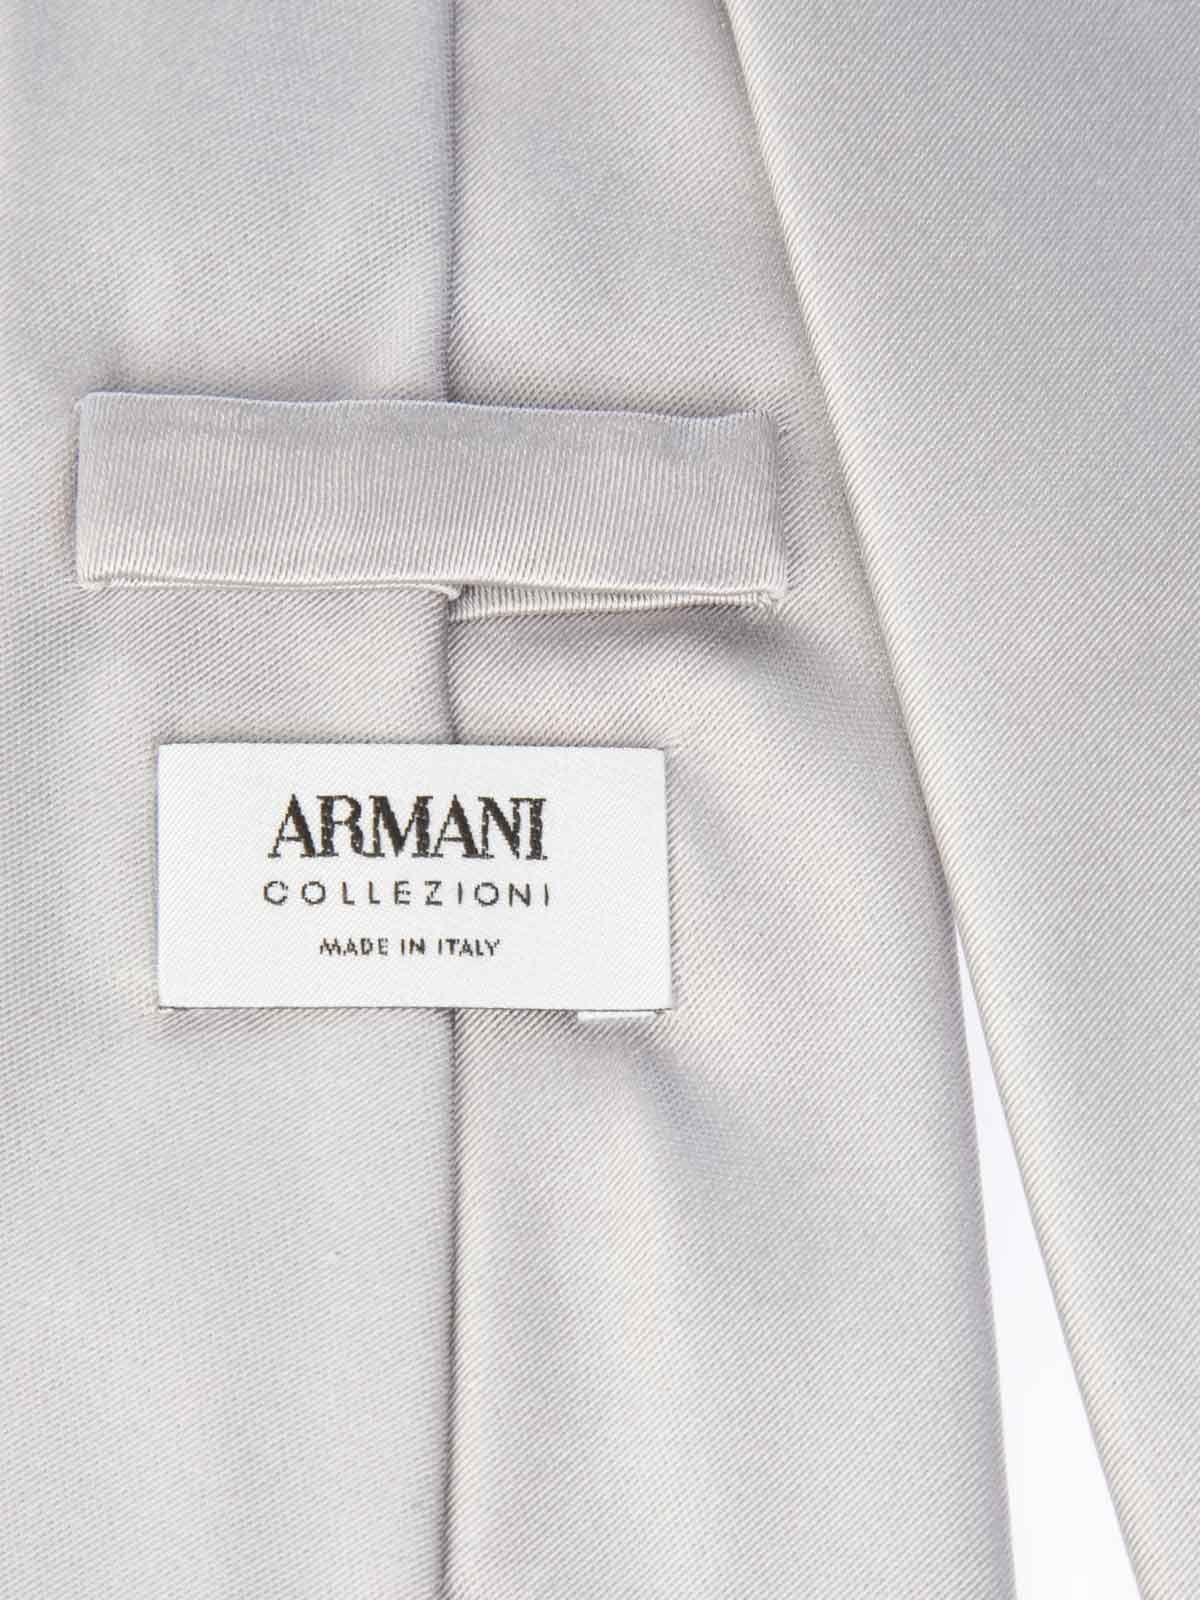 ARMANI COLLEZIONI MEN'S 350027LA49800017 GREY SILK TIE